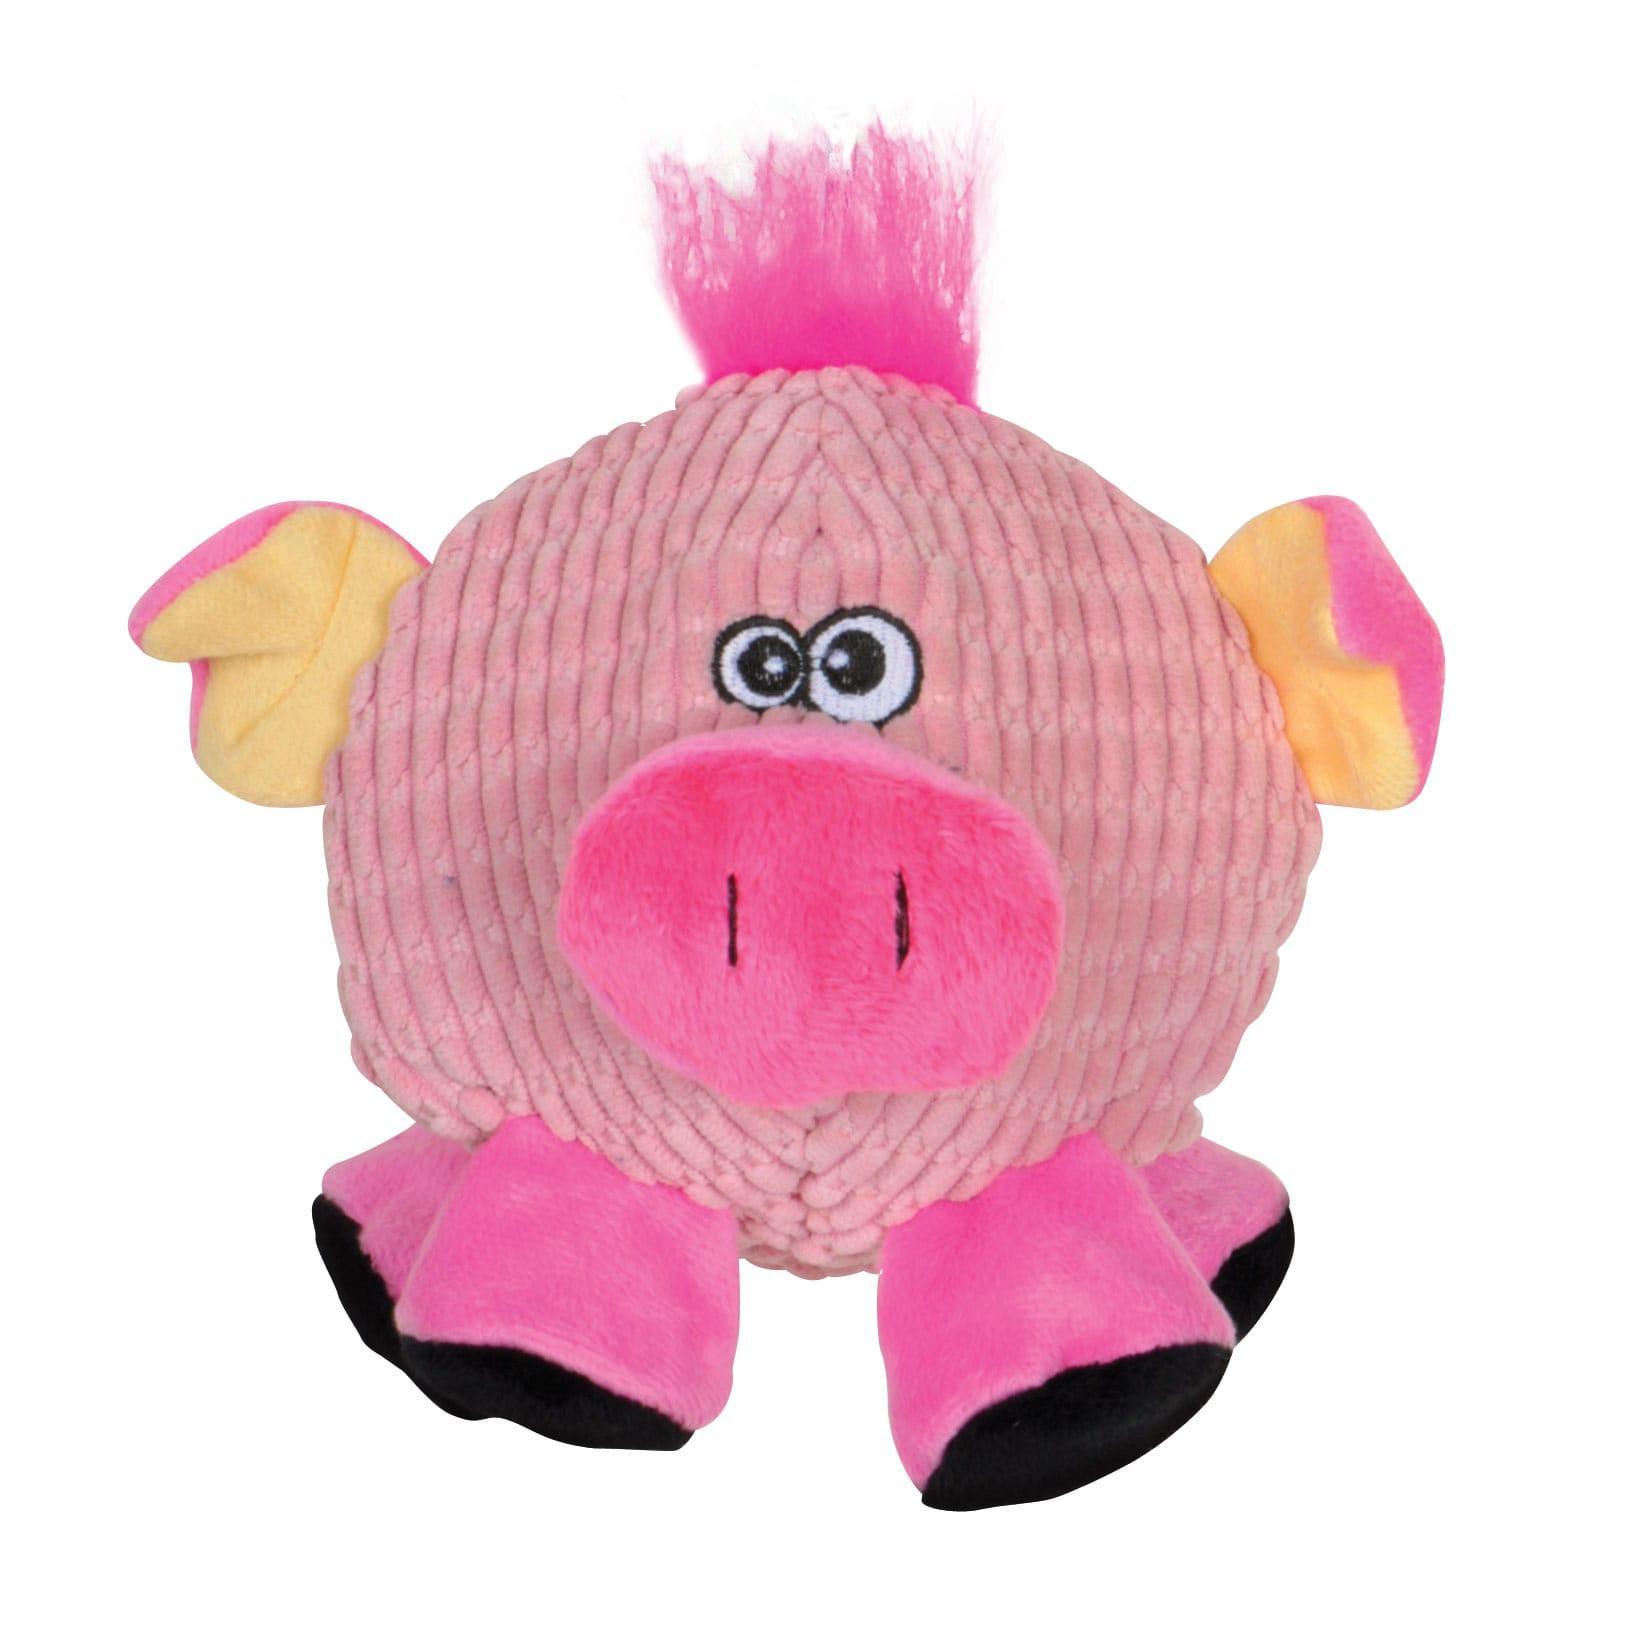 Smart Pet Love Tender-Tuffs Round Pig Dog Toy, Pink